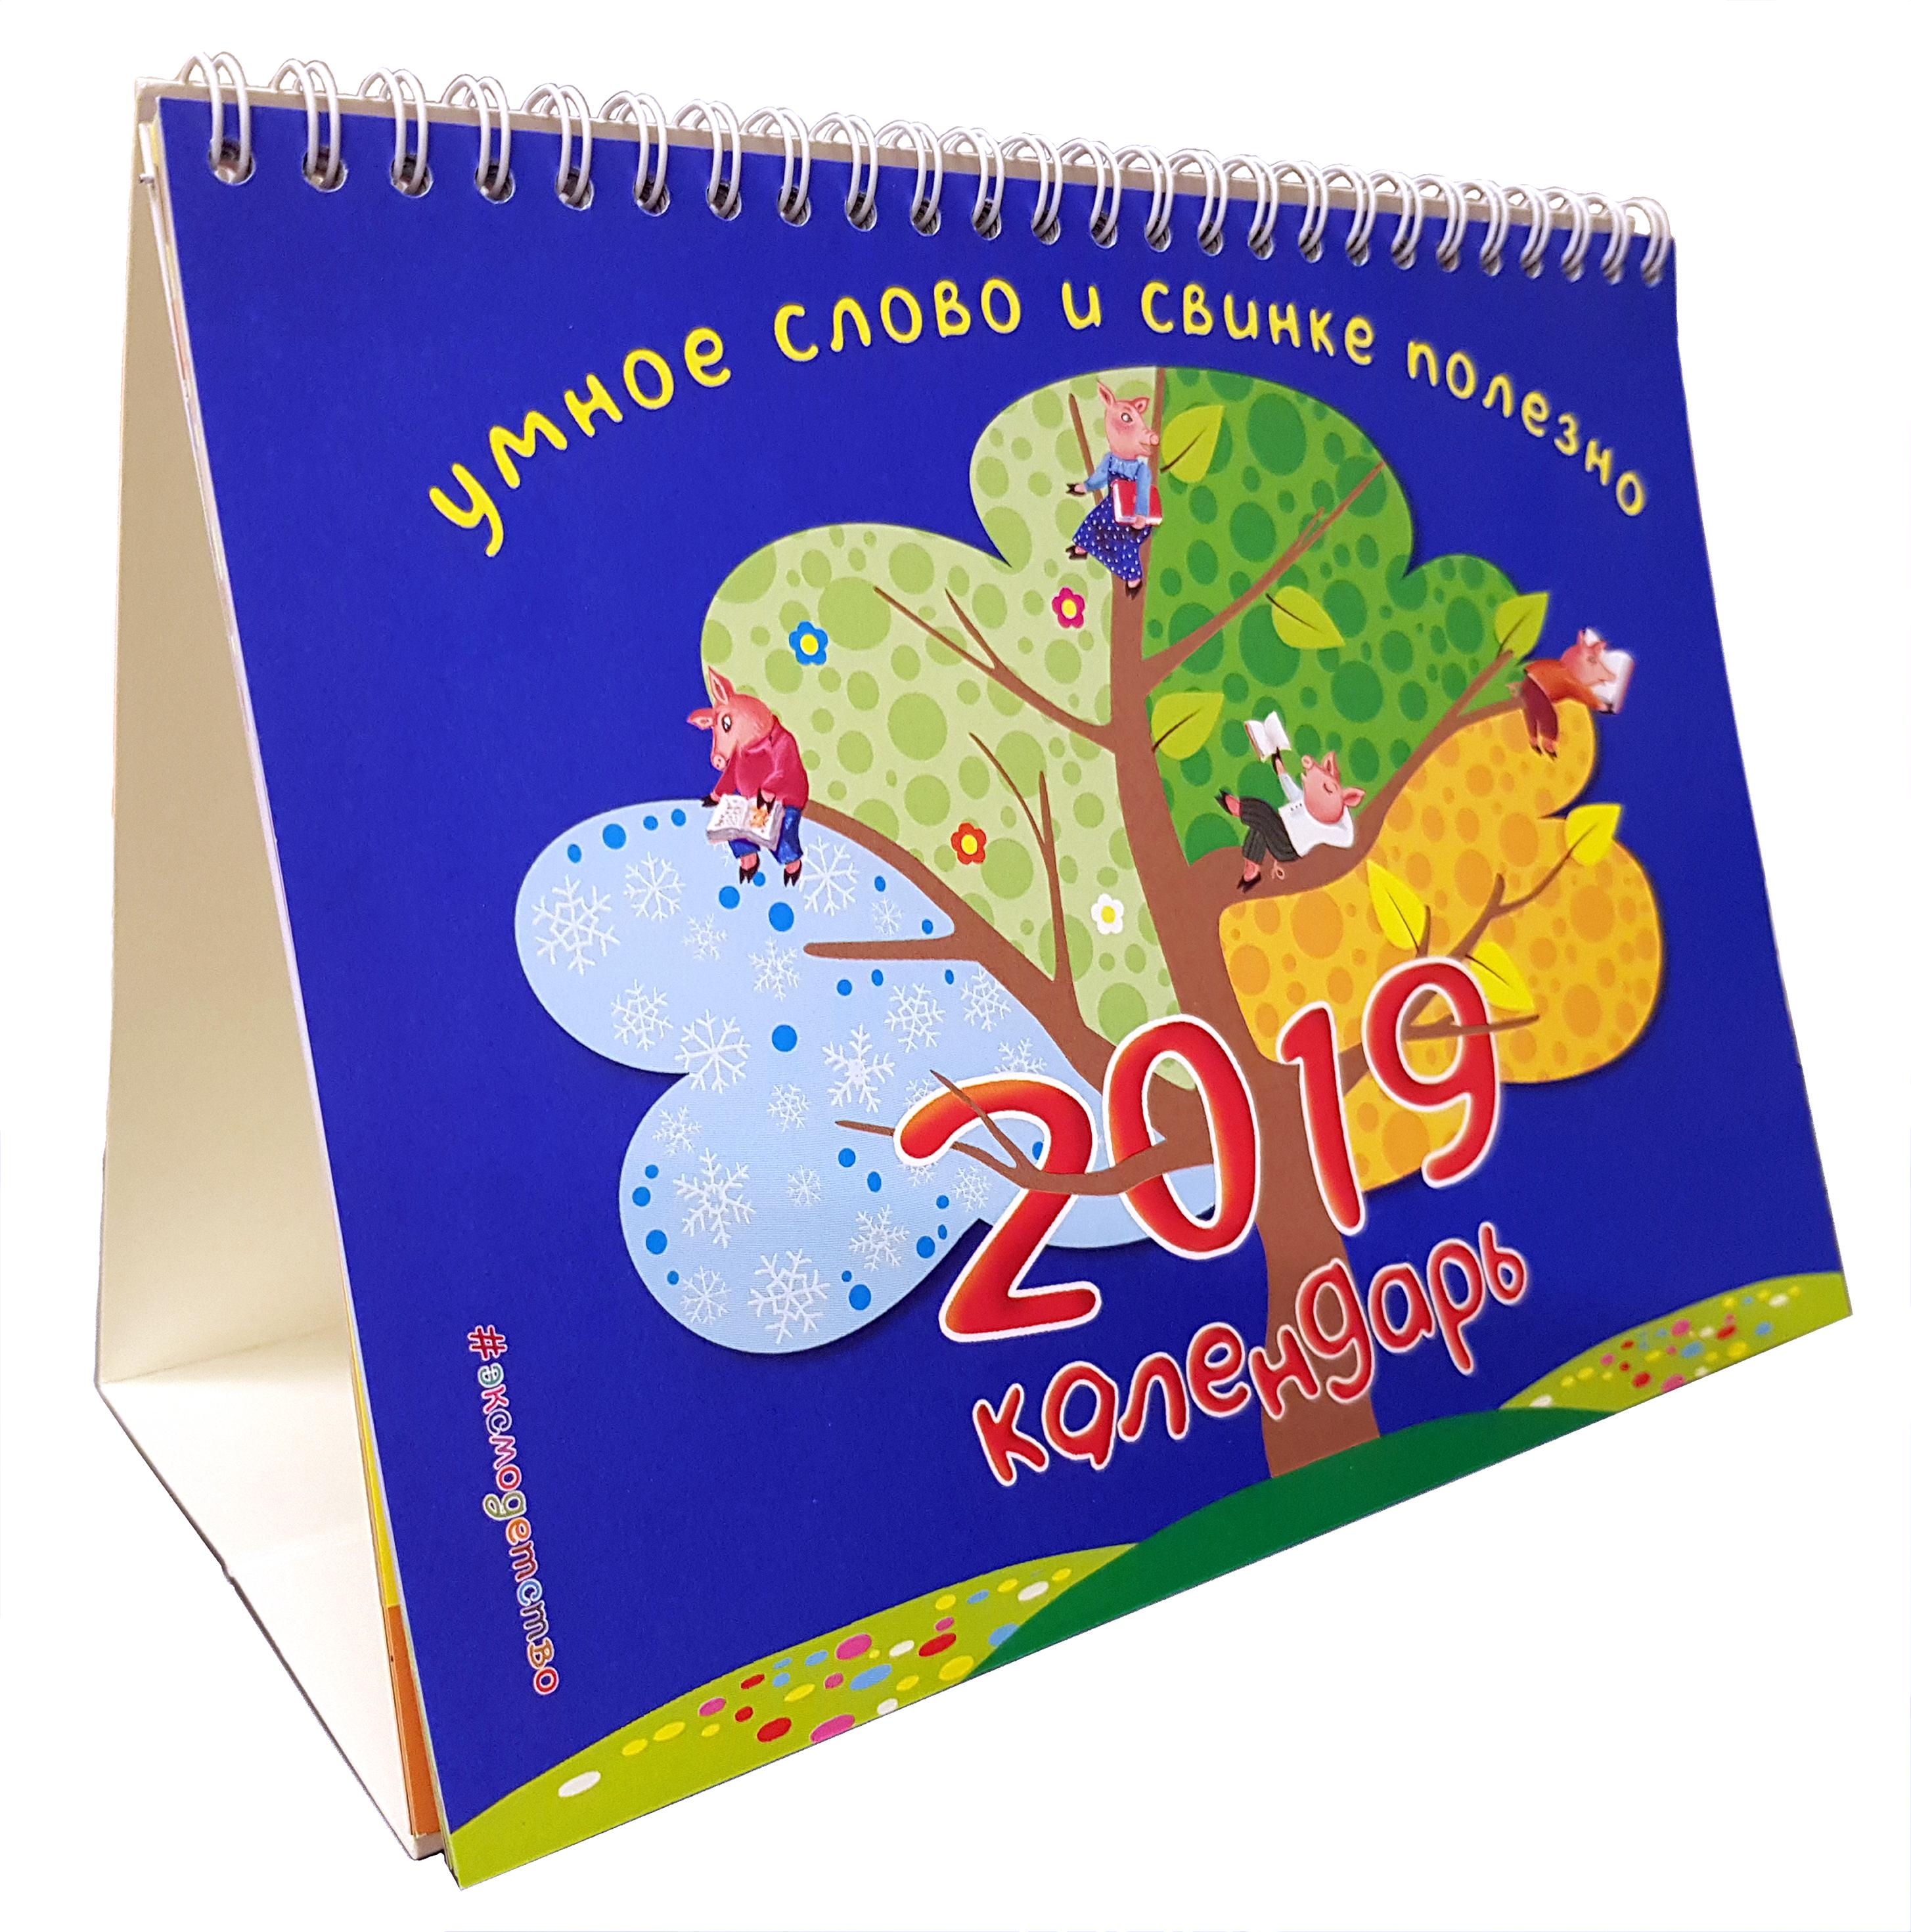 Календарь настольный 2019 г. Умное слово и свинке полезно календарь 2019 г настольный 25х16 год свиньи